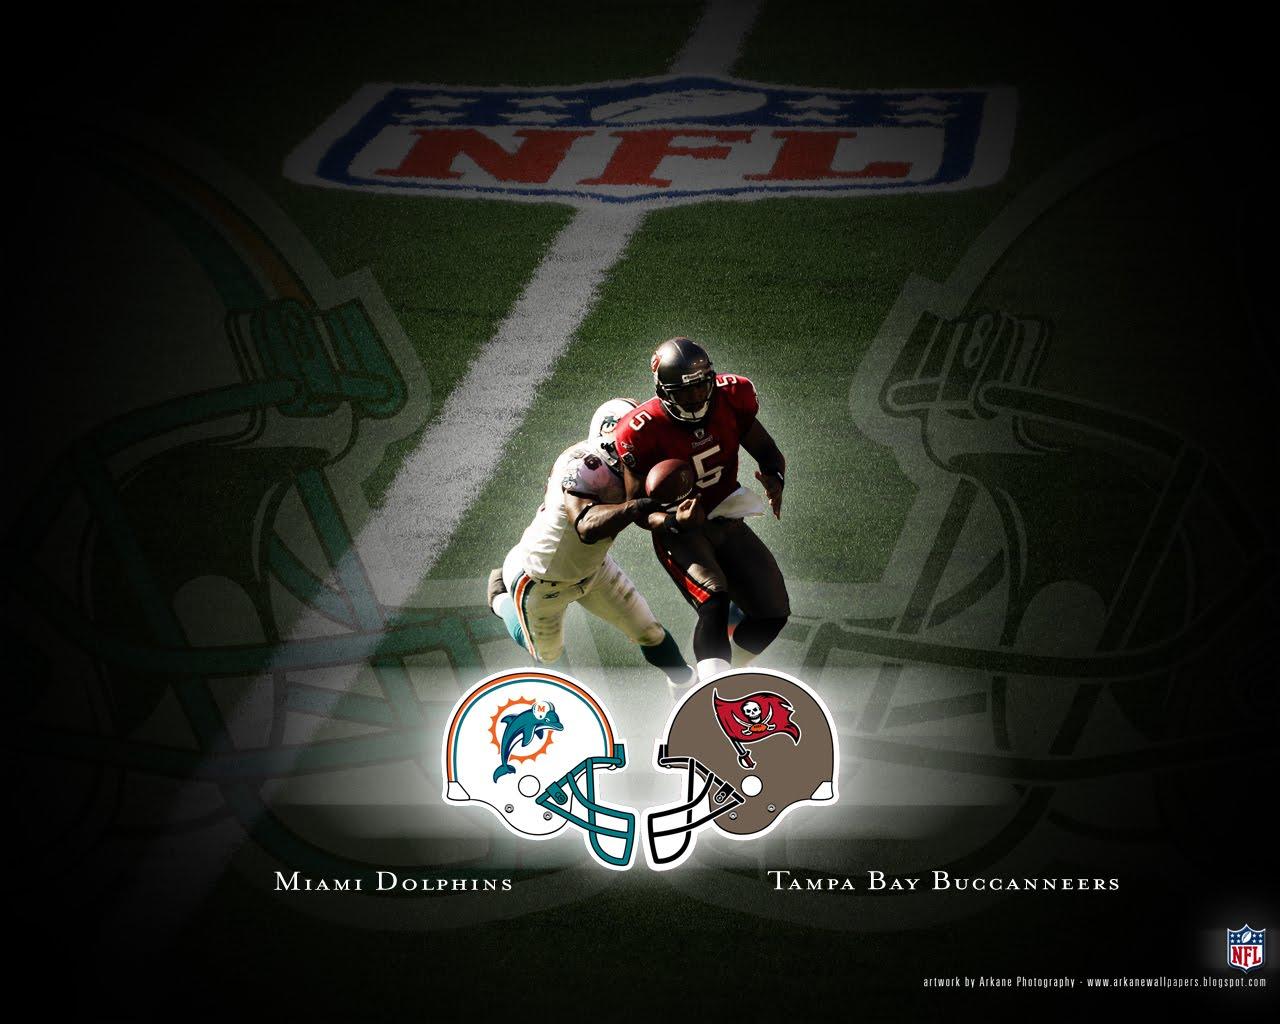 http://3.bp.blogspot.com/_JuYYGgmnUQU/SwWyka6Cy5I/AAAAAAAAAdI/Kc1ML0OJWH4/s1600/Battle10-Dolphins-Buccanneers.jpeg